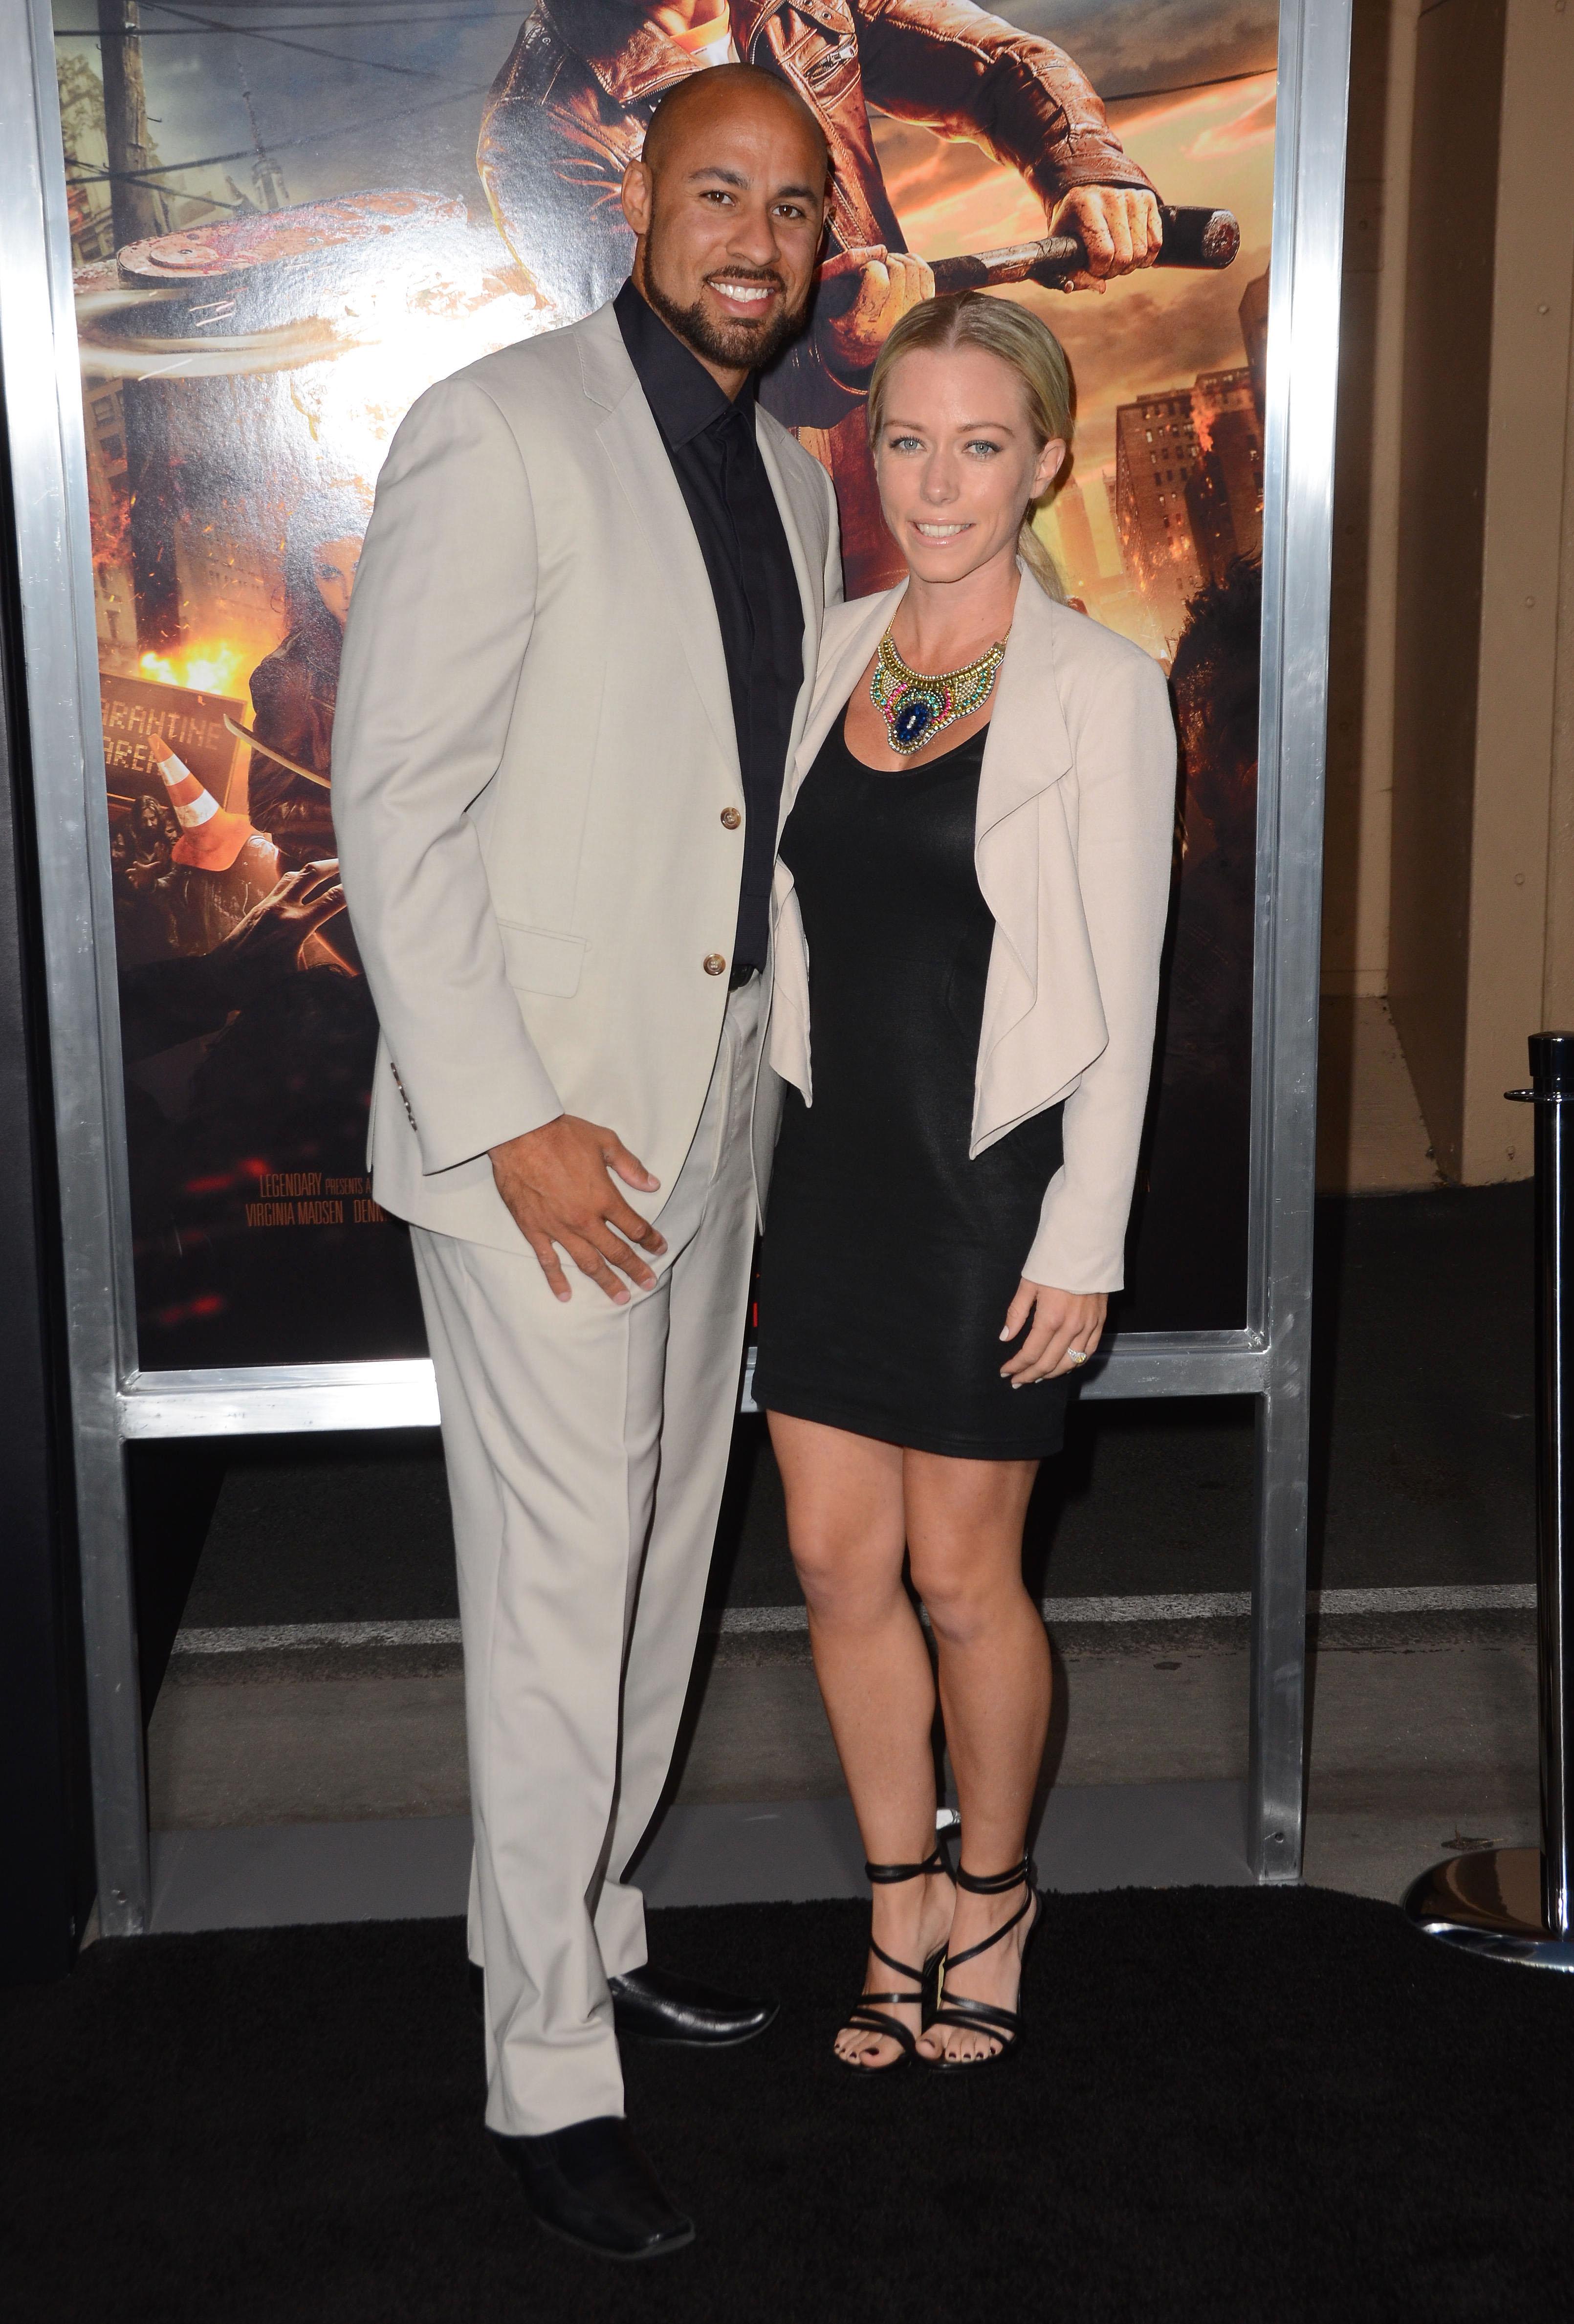 Kendra Wilkinson, Hank Baskett date night